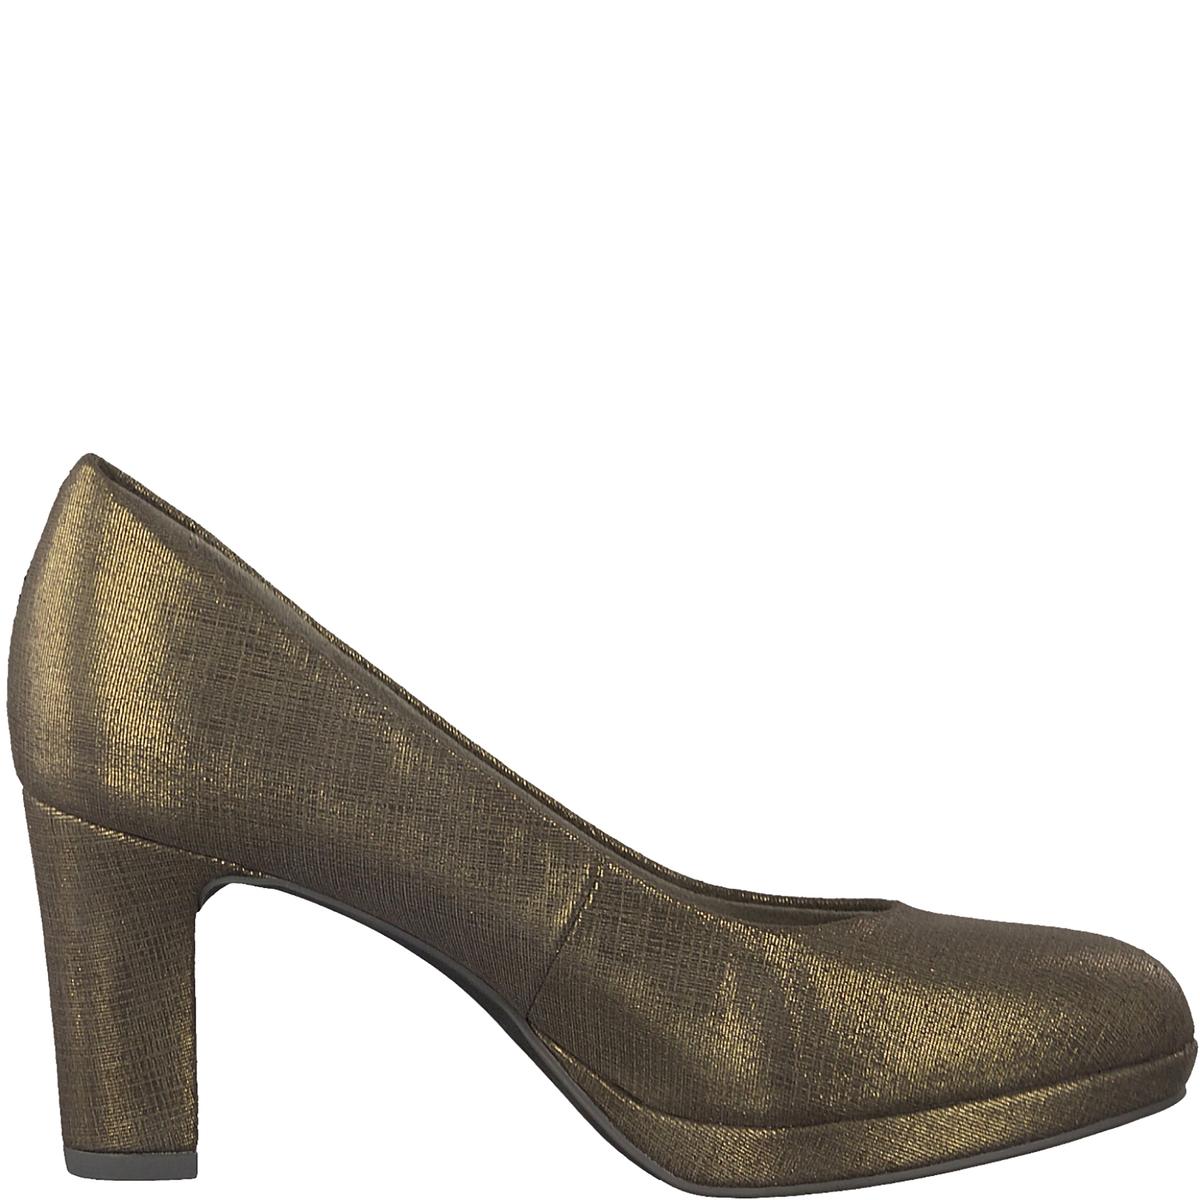 Туфли MauraДетали •  Широкий каблук •  Высота каблука : 7,5 см •  Застежка : без застежки •  Круглый мысокСостав и уход •  Верх 100% текстиль •  Подкладка 50% синтетического материала, 50% текстиля •  Стелька 100% синтетический материал<br><br>Цвет: бронзовый,черный<br>Размер: 36.39.38